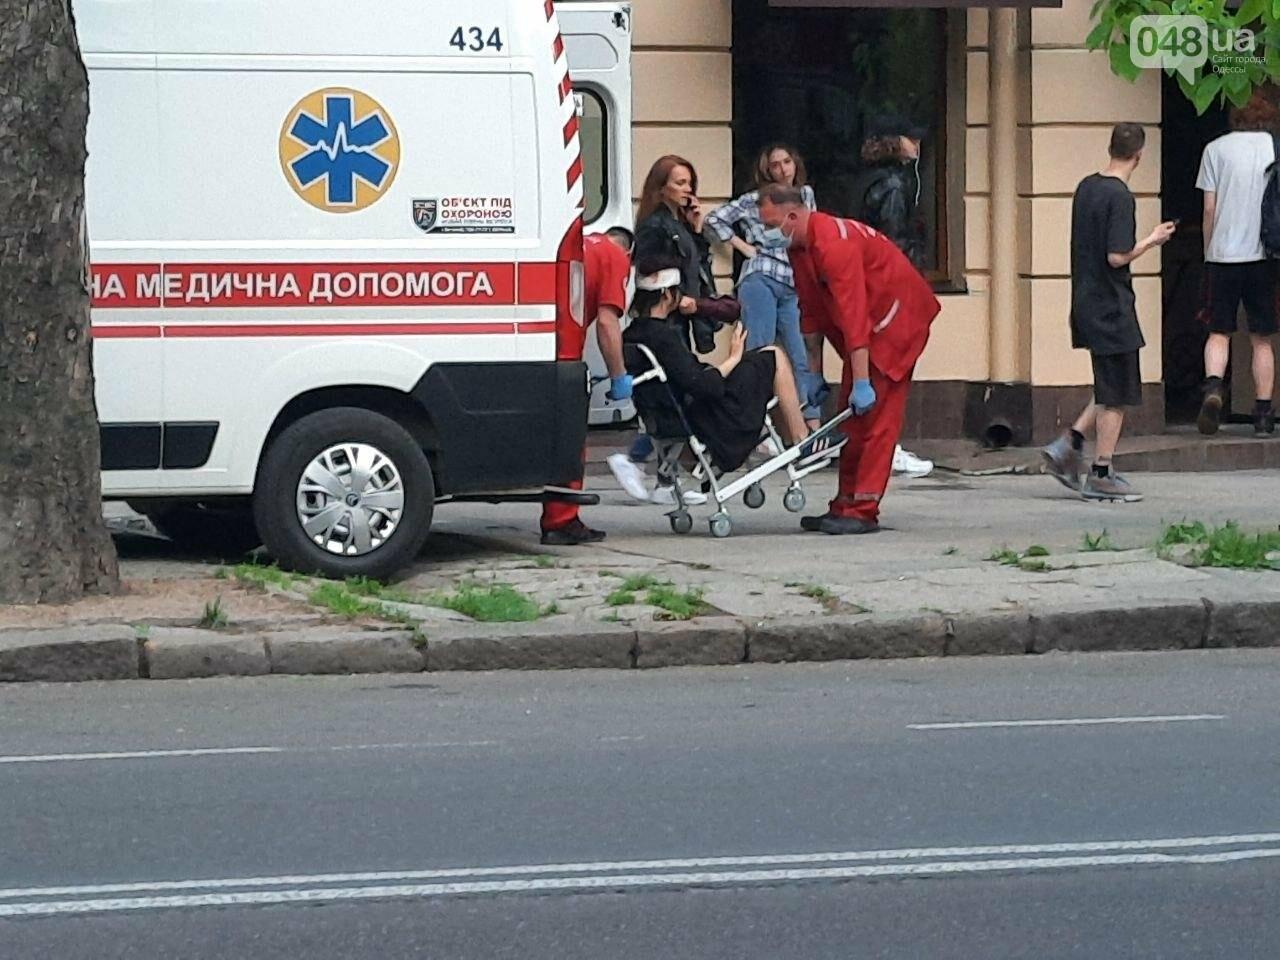 Разбила голову: в центре Одессы девушка упала с электросамоката, - ФОТО, фото-4